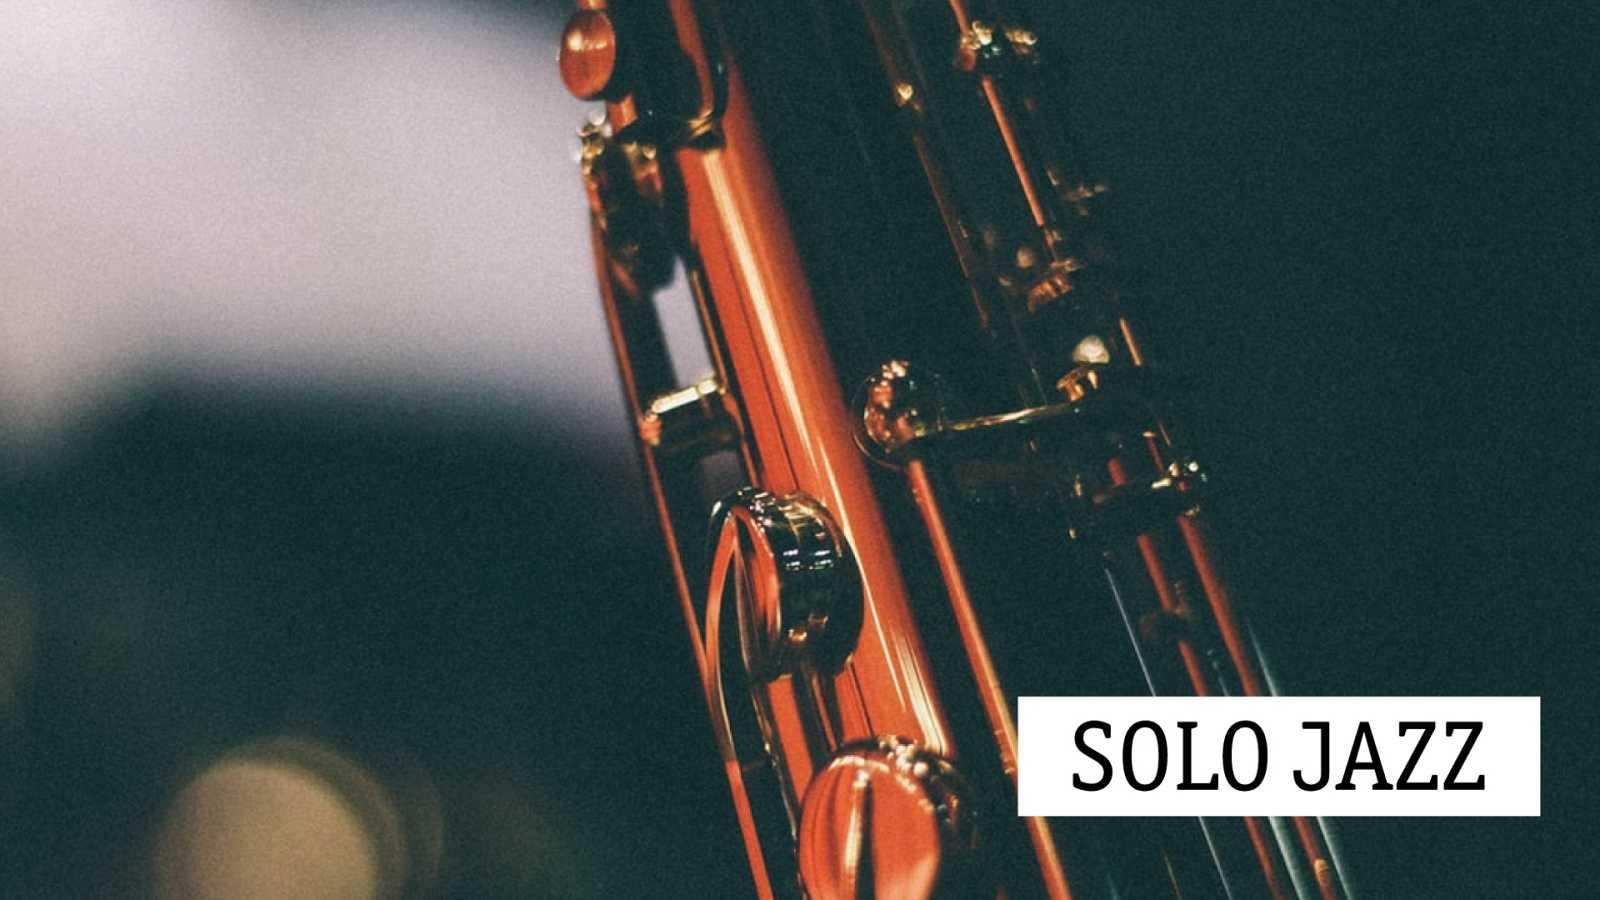 Solo Jazz - Hay que dar a conocer a Julian Lage - 24/03/21 - escuchar ahora